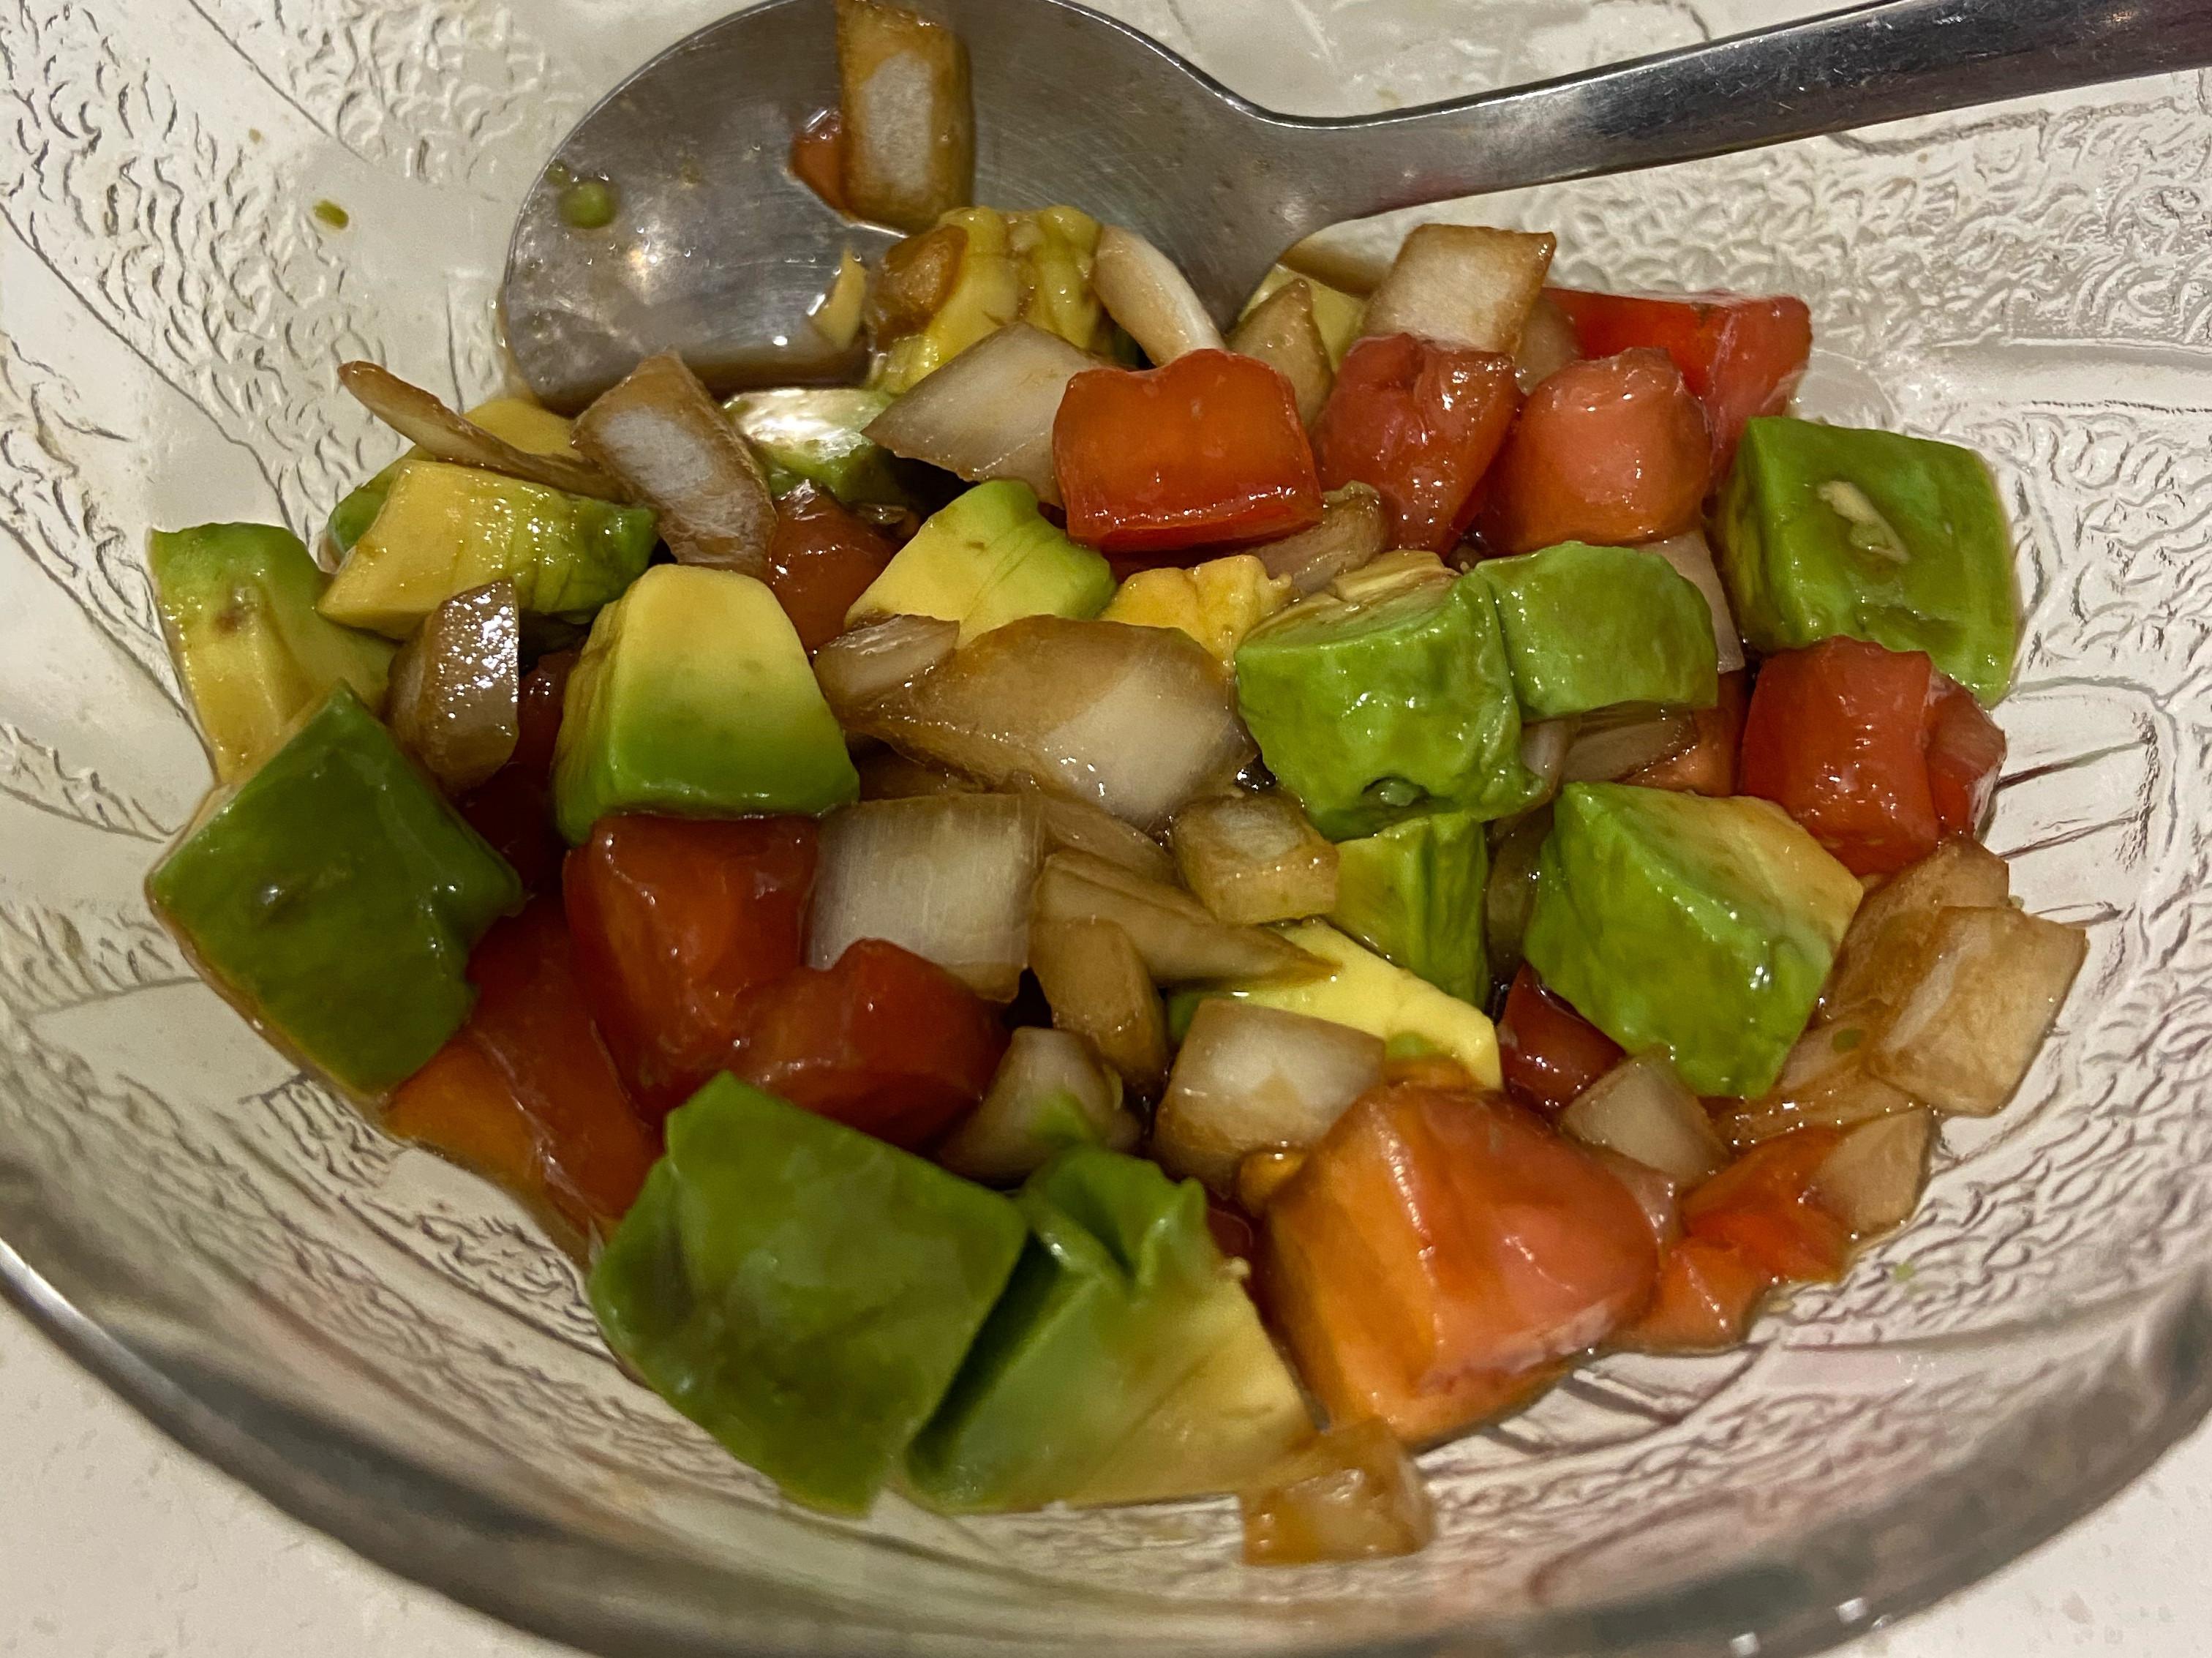 義式油醋蕃茄丁